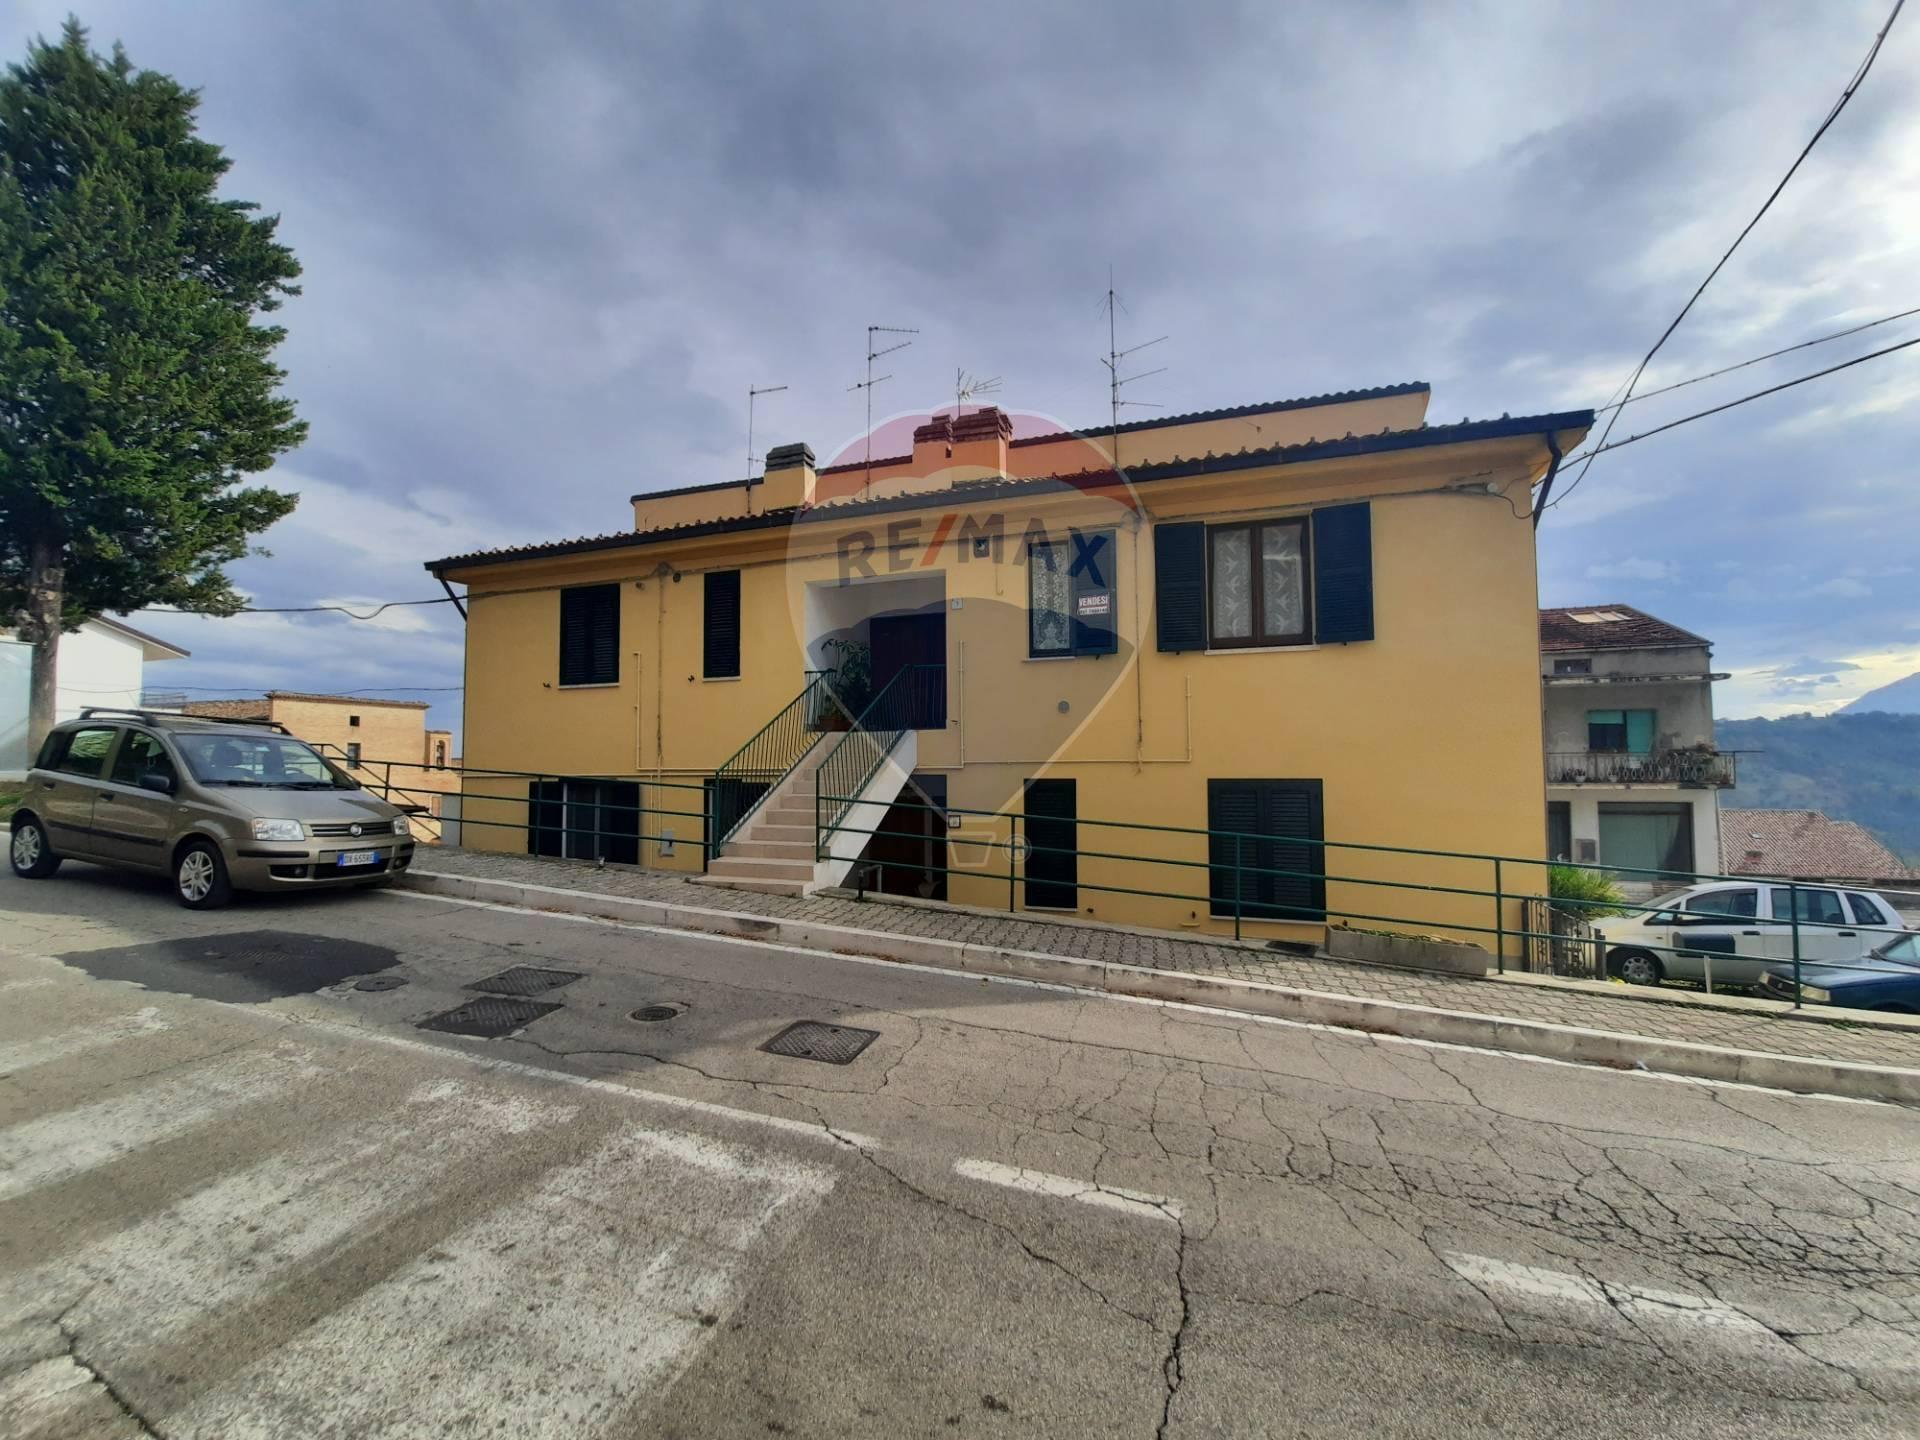 Appartamento in vendita a Bucchianico, 5 locali, prezzo € 79.500 | CambioCasa.it